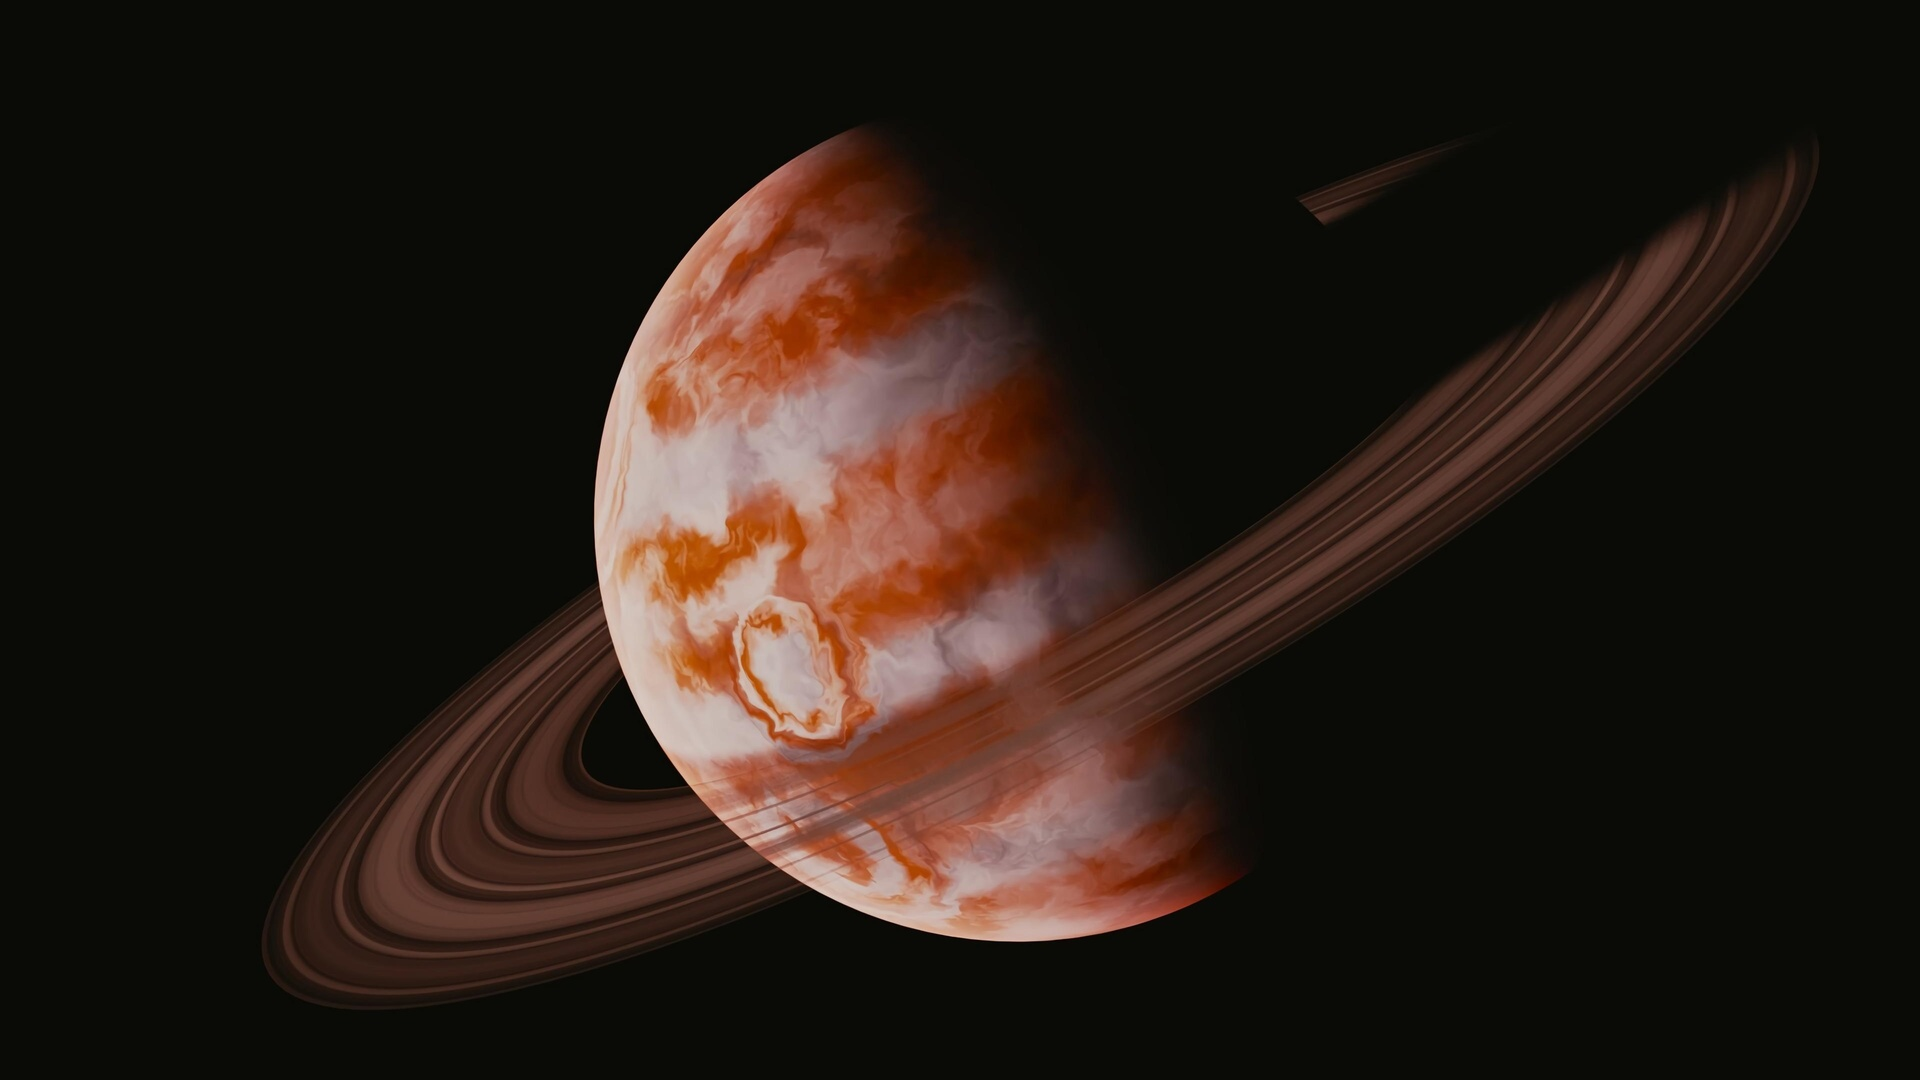 планета, орбита, космос, черный